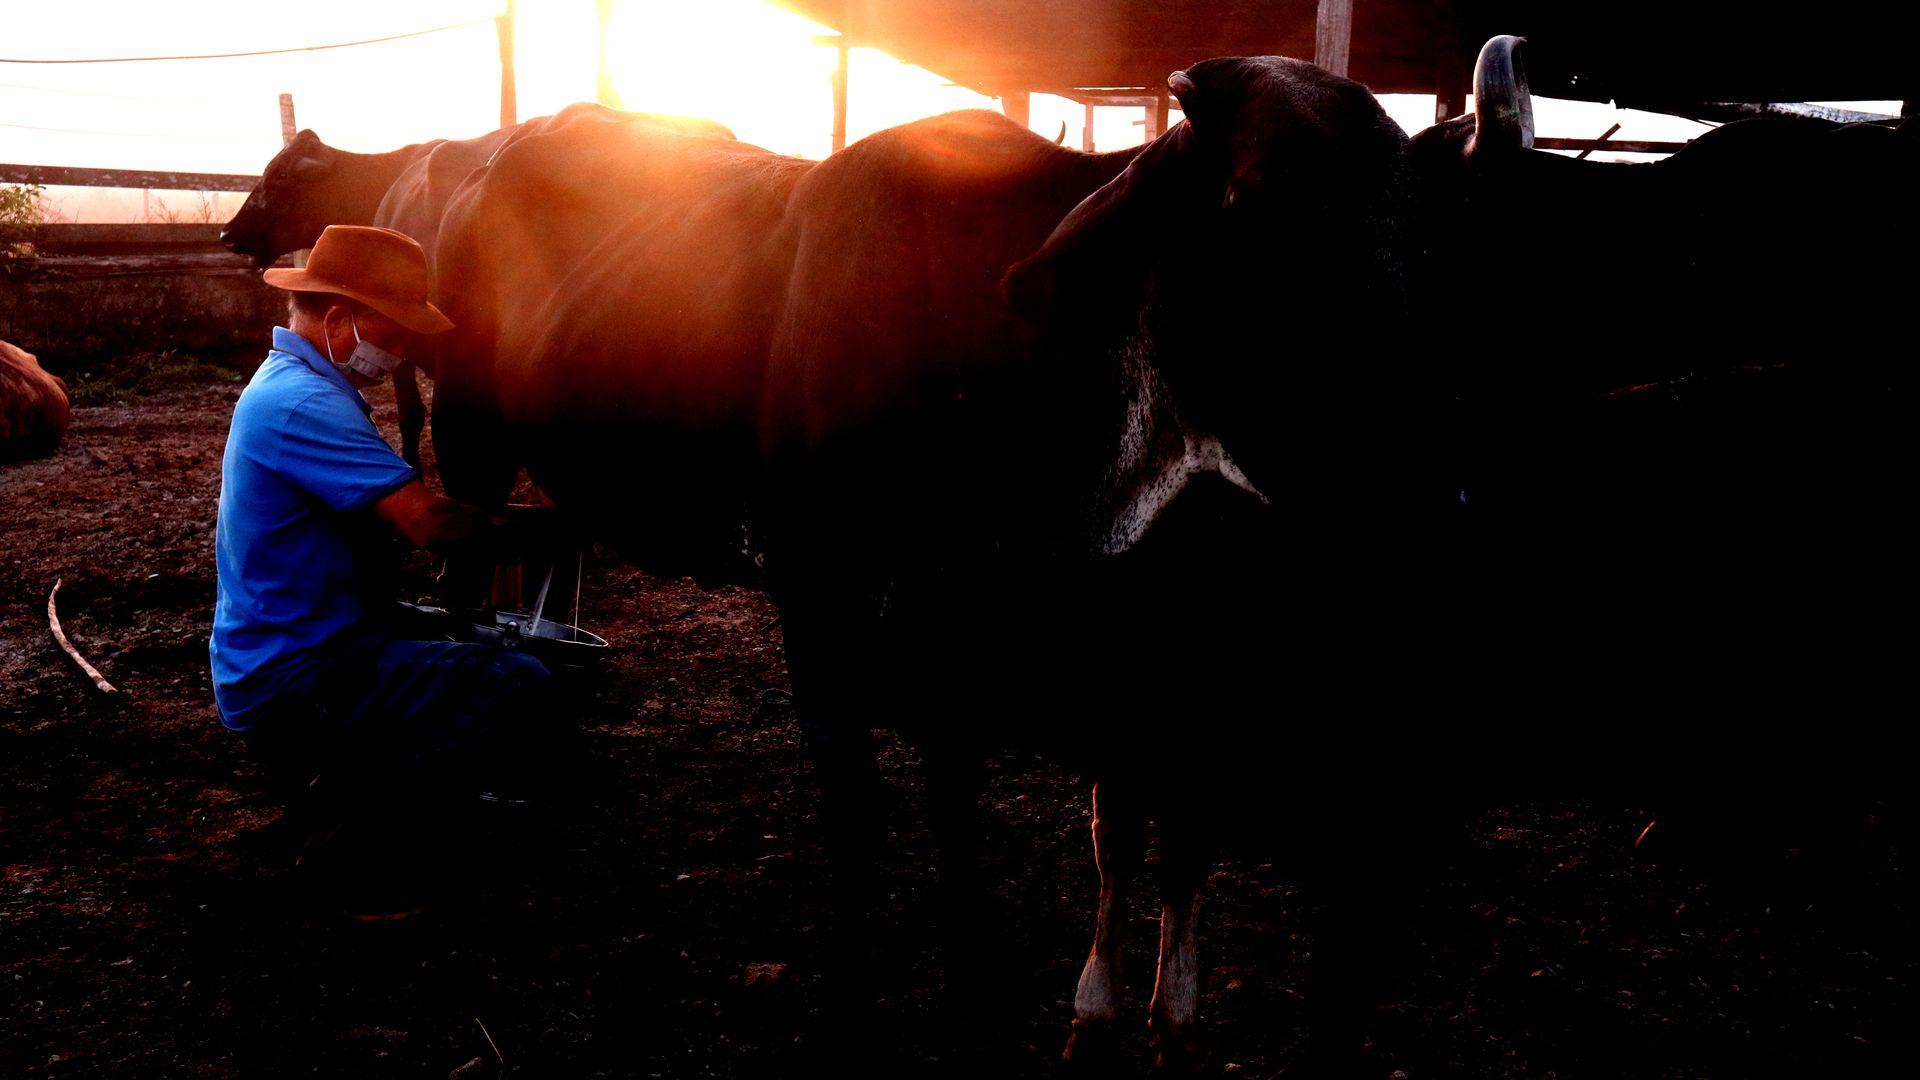 O sol mal nasceu e Gilven Antônio Piazzollo ordenha as vacas para vender o leite